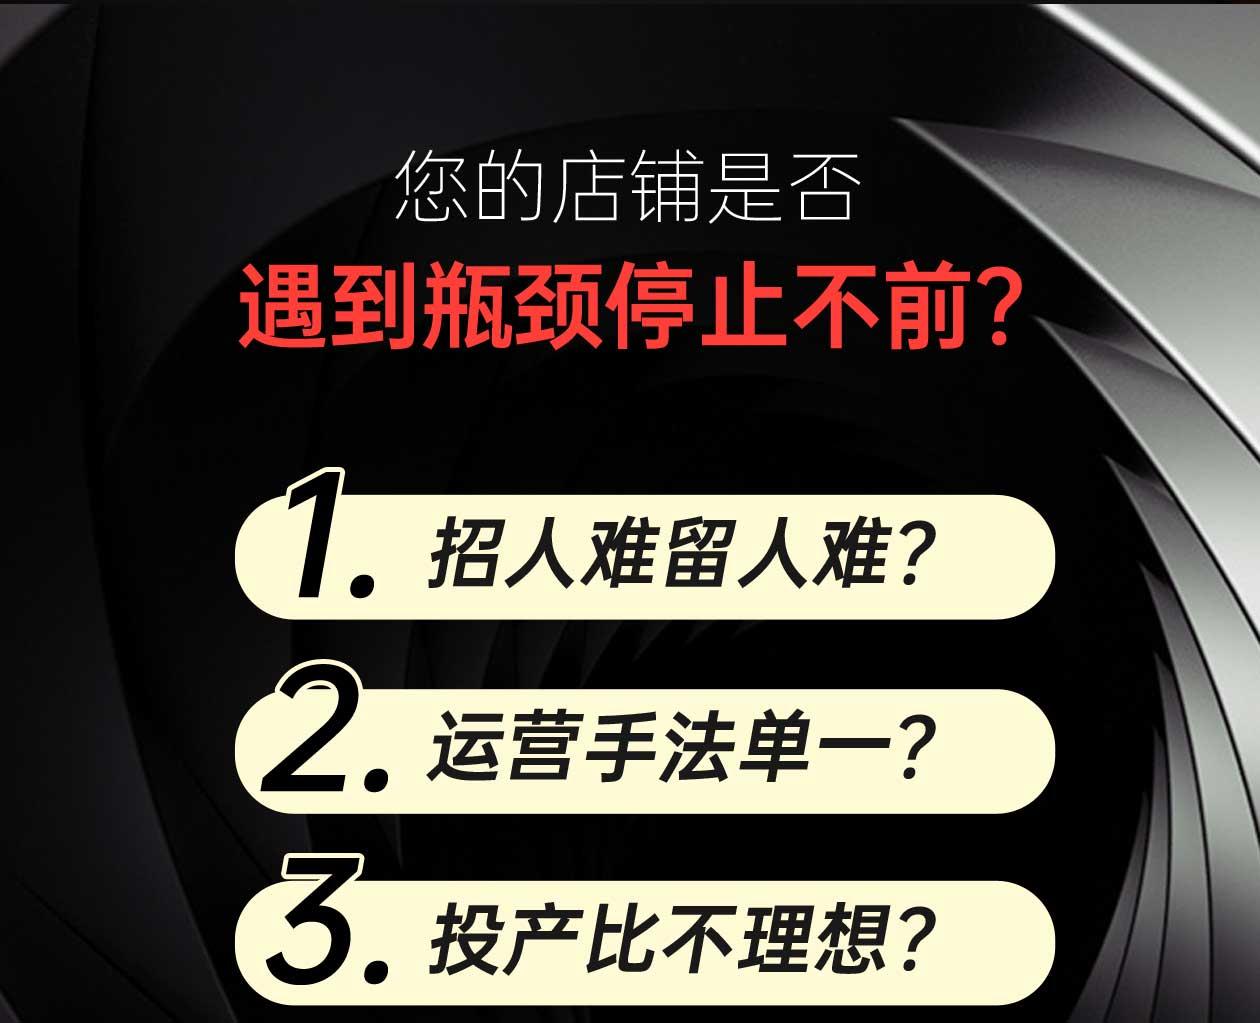 天猫代环球体育电竞app直播_02.jpg